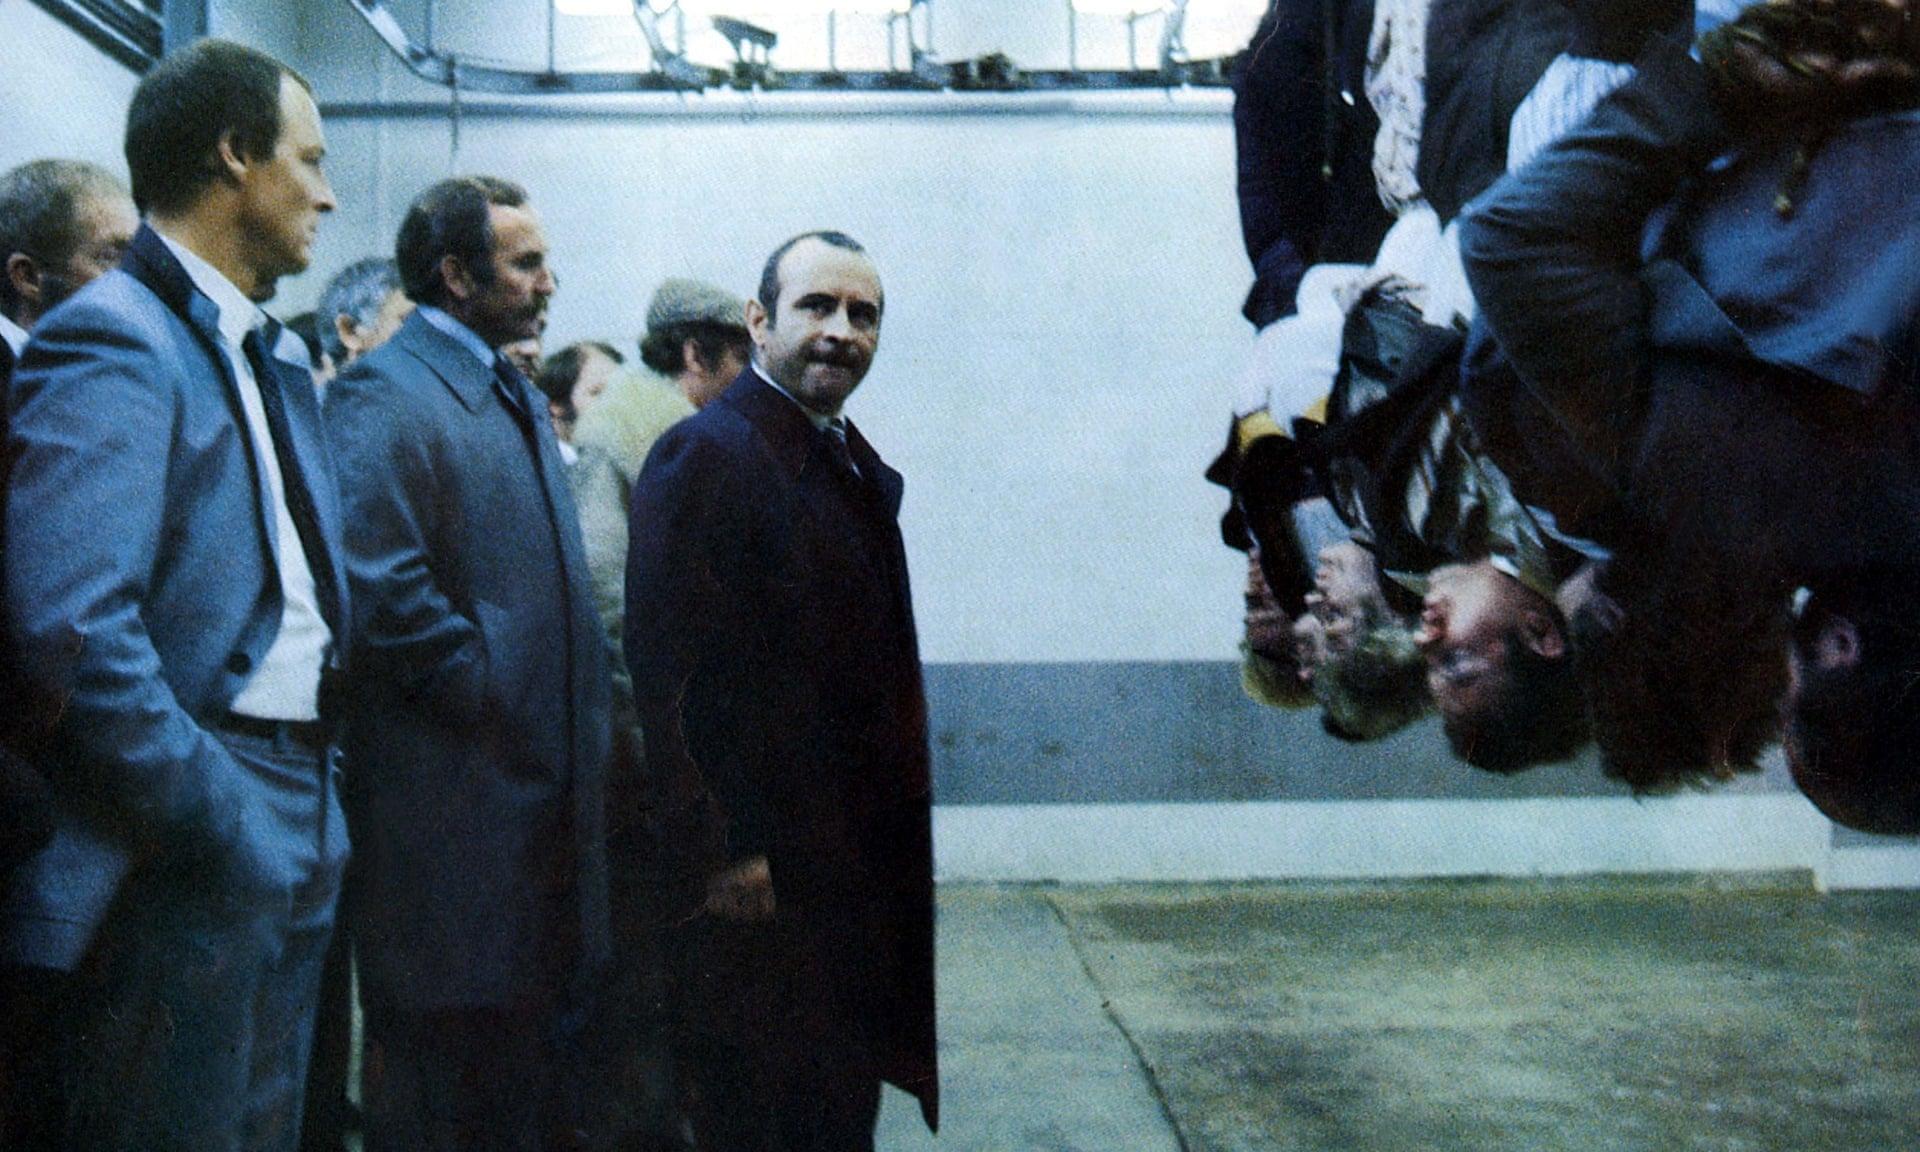 10 فیلم برتر ژانر گانگستری برتر تاریخ سینما که باید قبل از مرگ حتماً دید